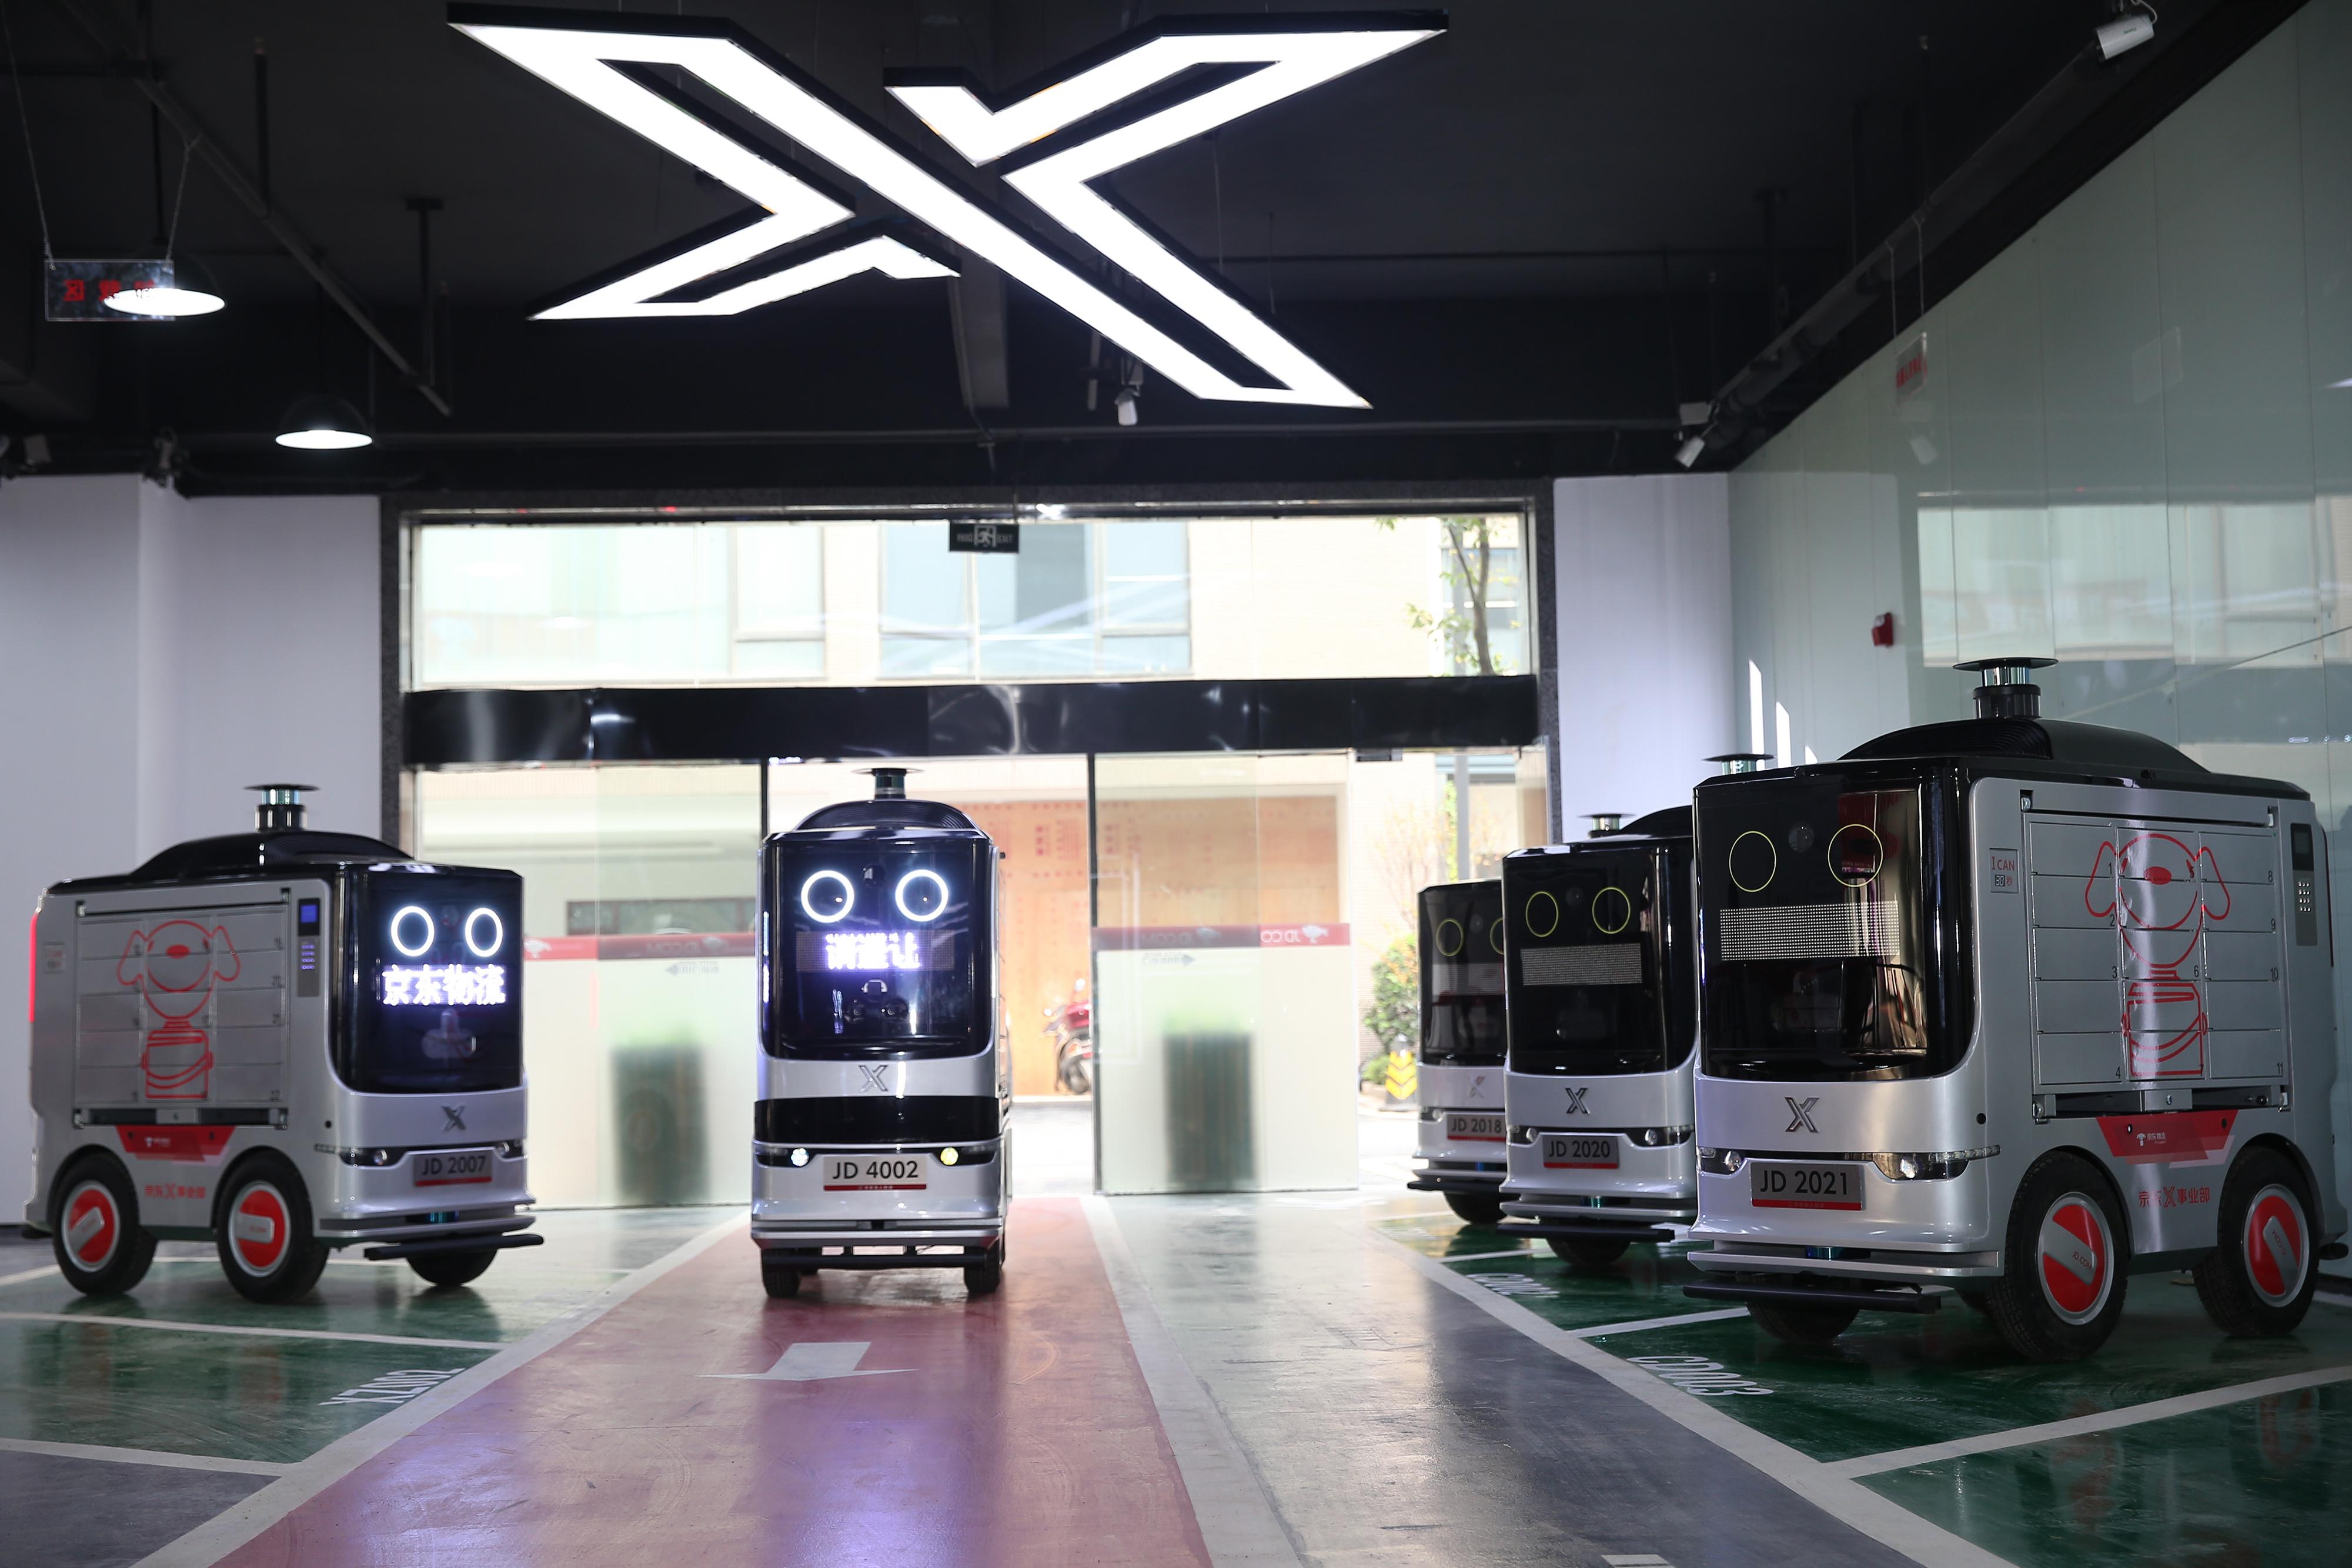 JD.com's autonomous delivery robots.